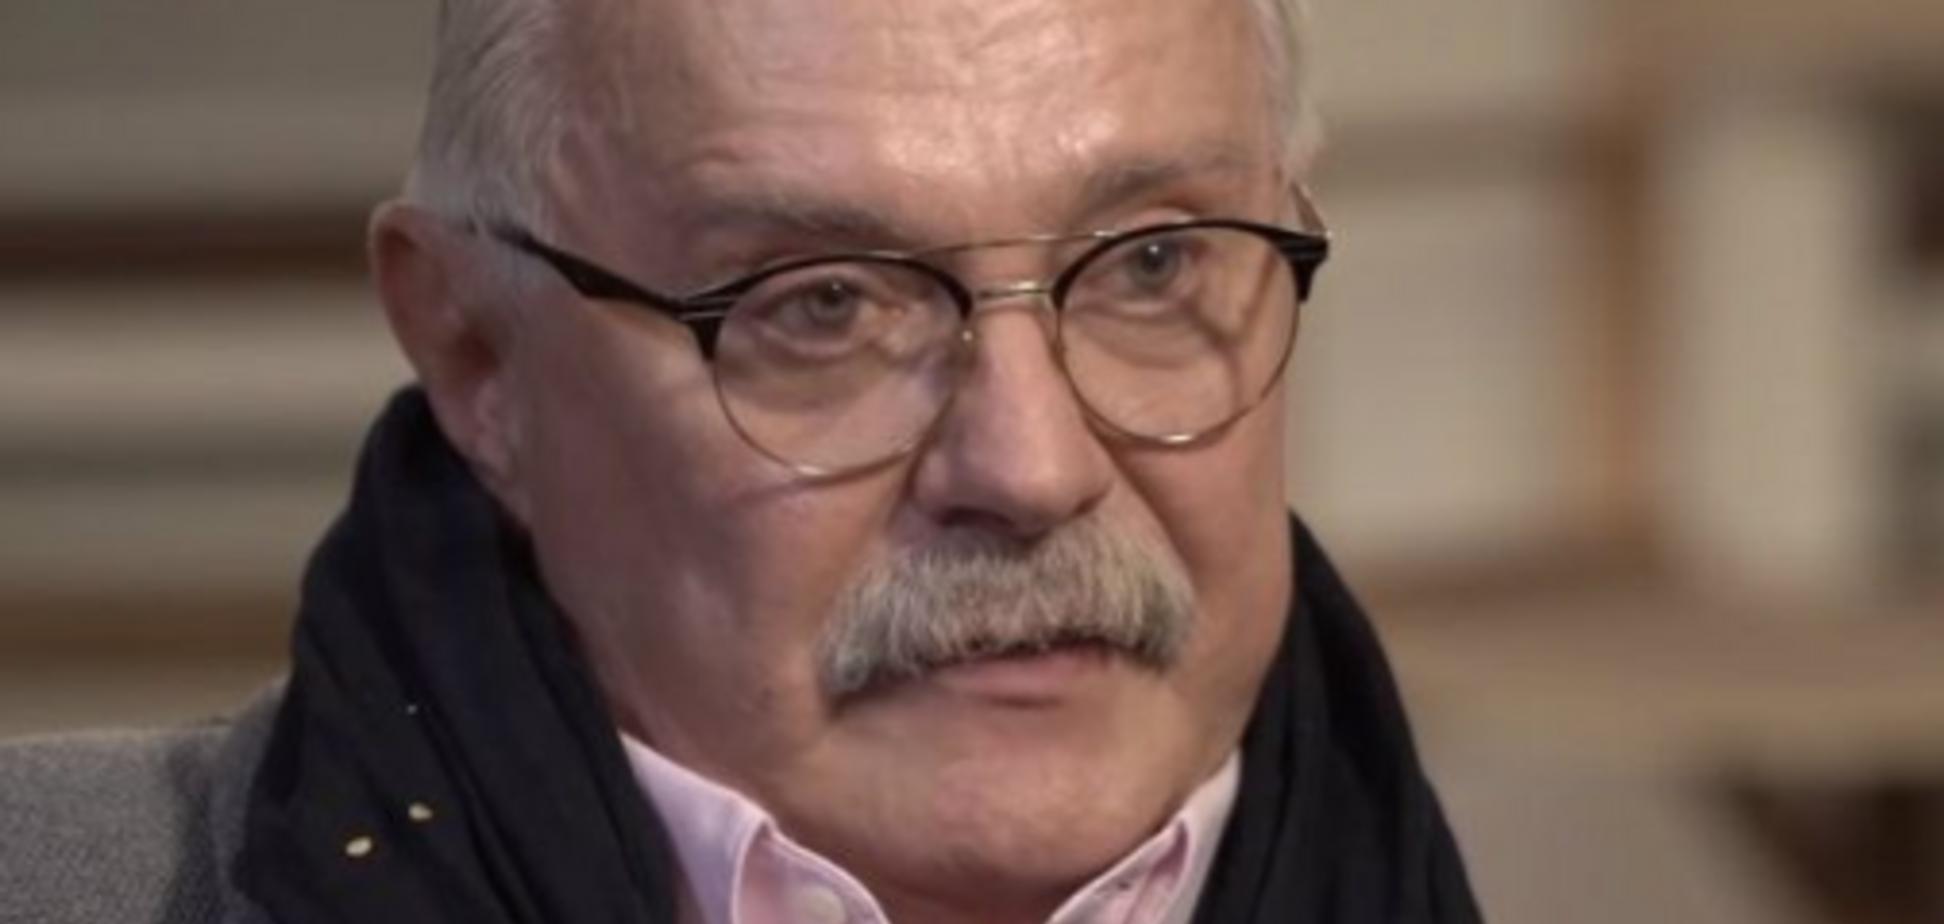 Михалков раскритиковал американских актрис за связь с Вайнштейном: потерявшие товарный вид проститутки